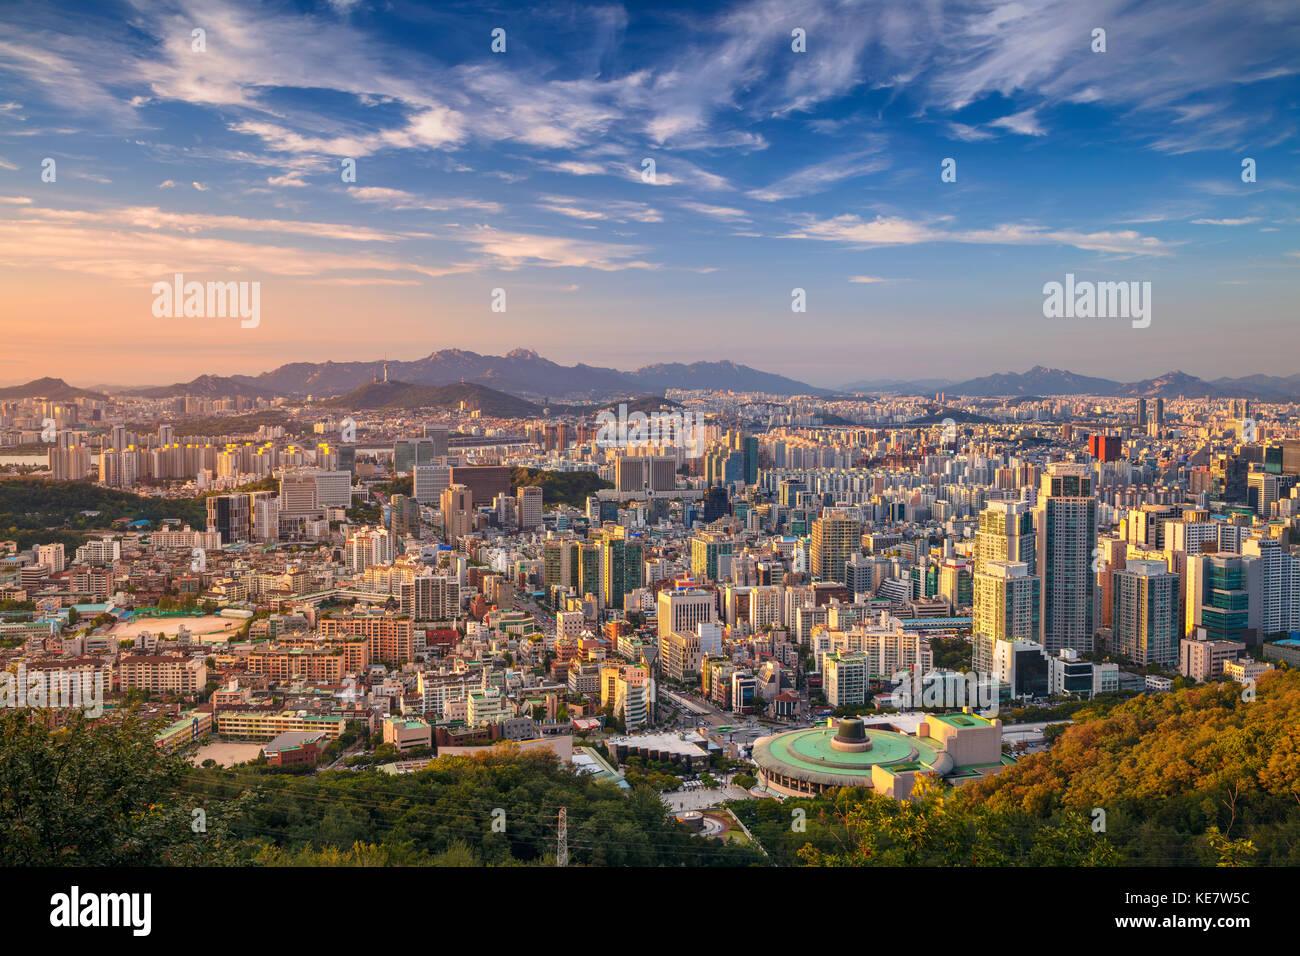 Séoul. cityscape image de centre-ville de Séoul au cours de journée d'été. Banque D'Images